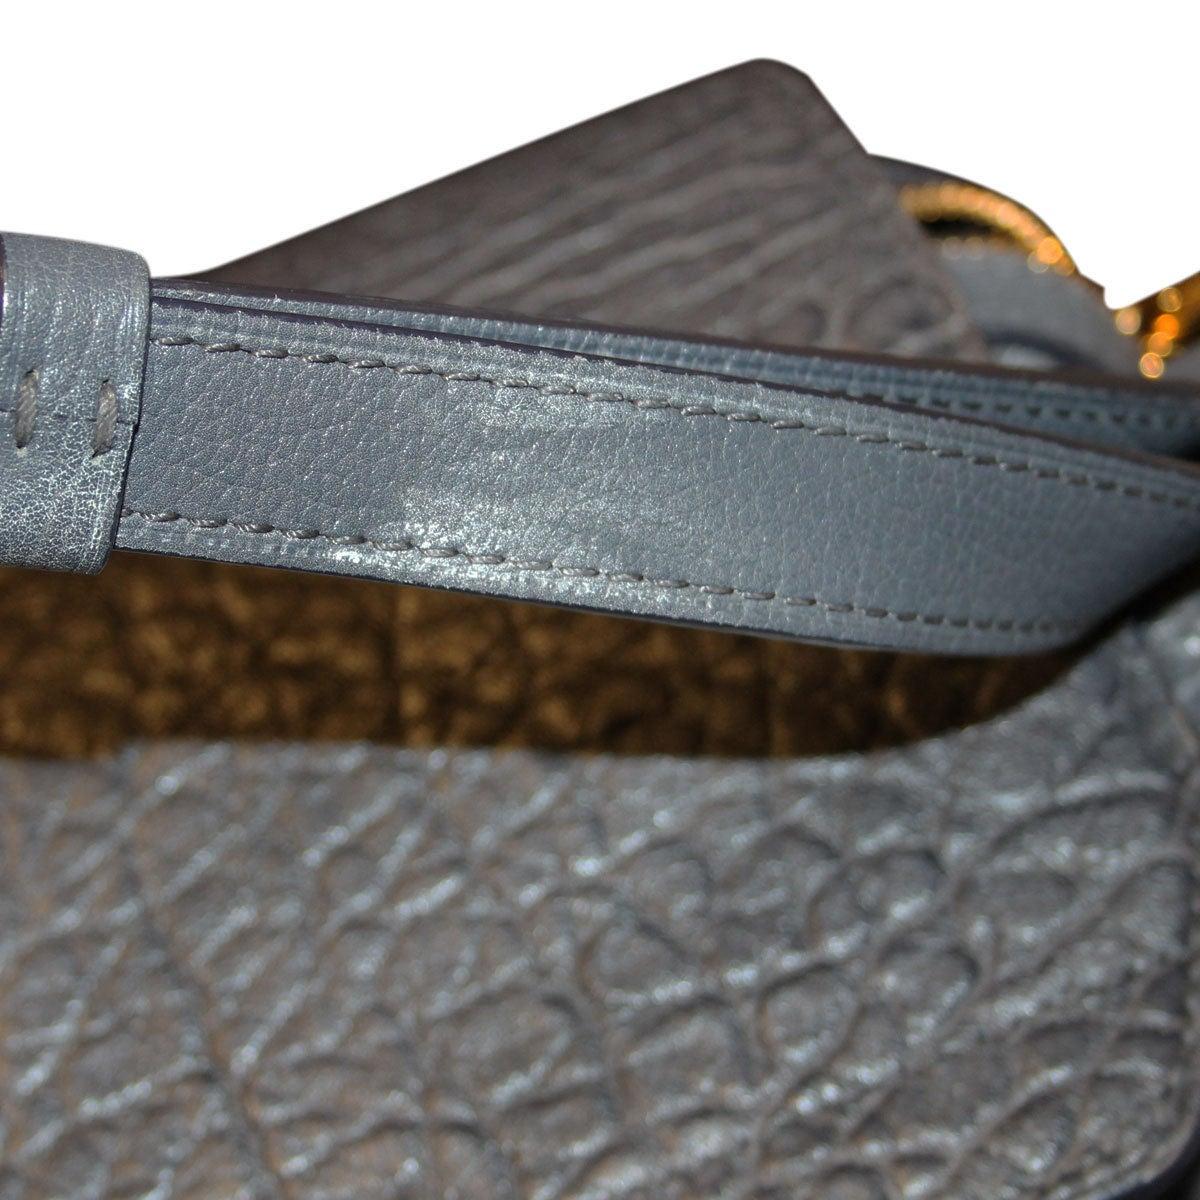 Louis Vuitton Volupte Psyche Leather Gris Bag Purse For Sale 4